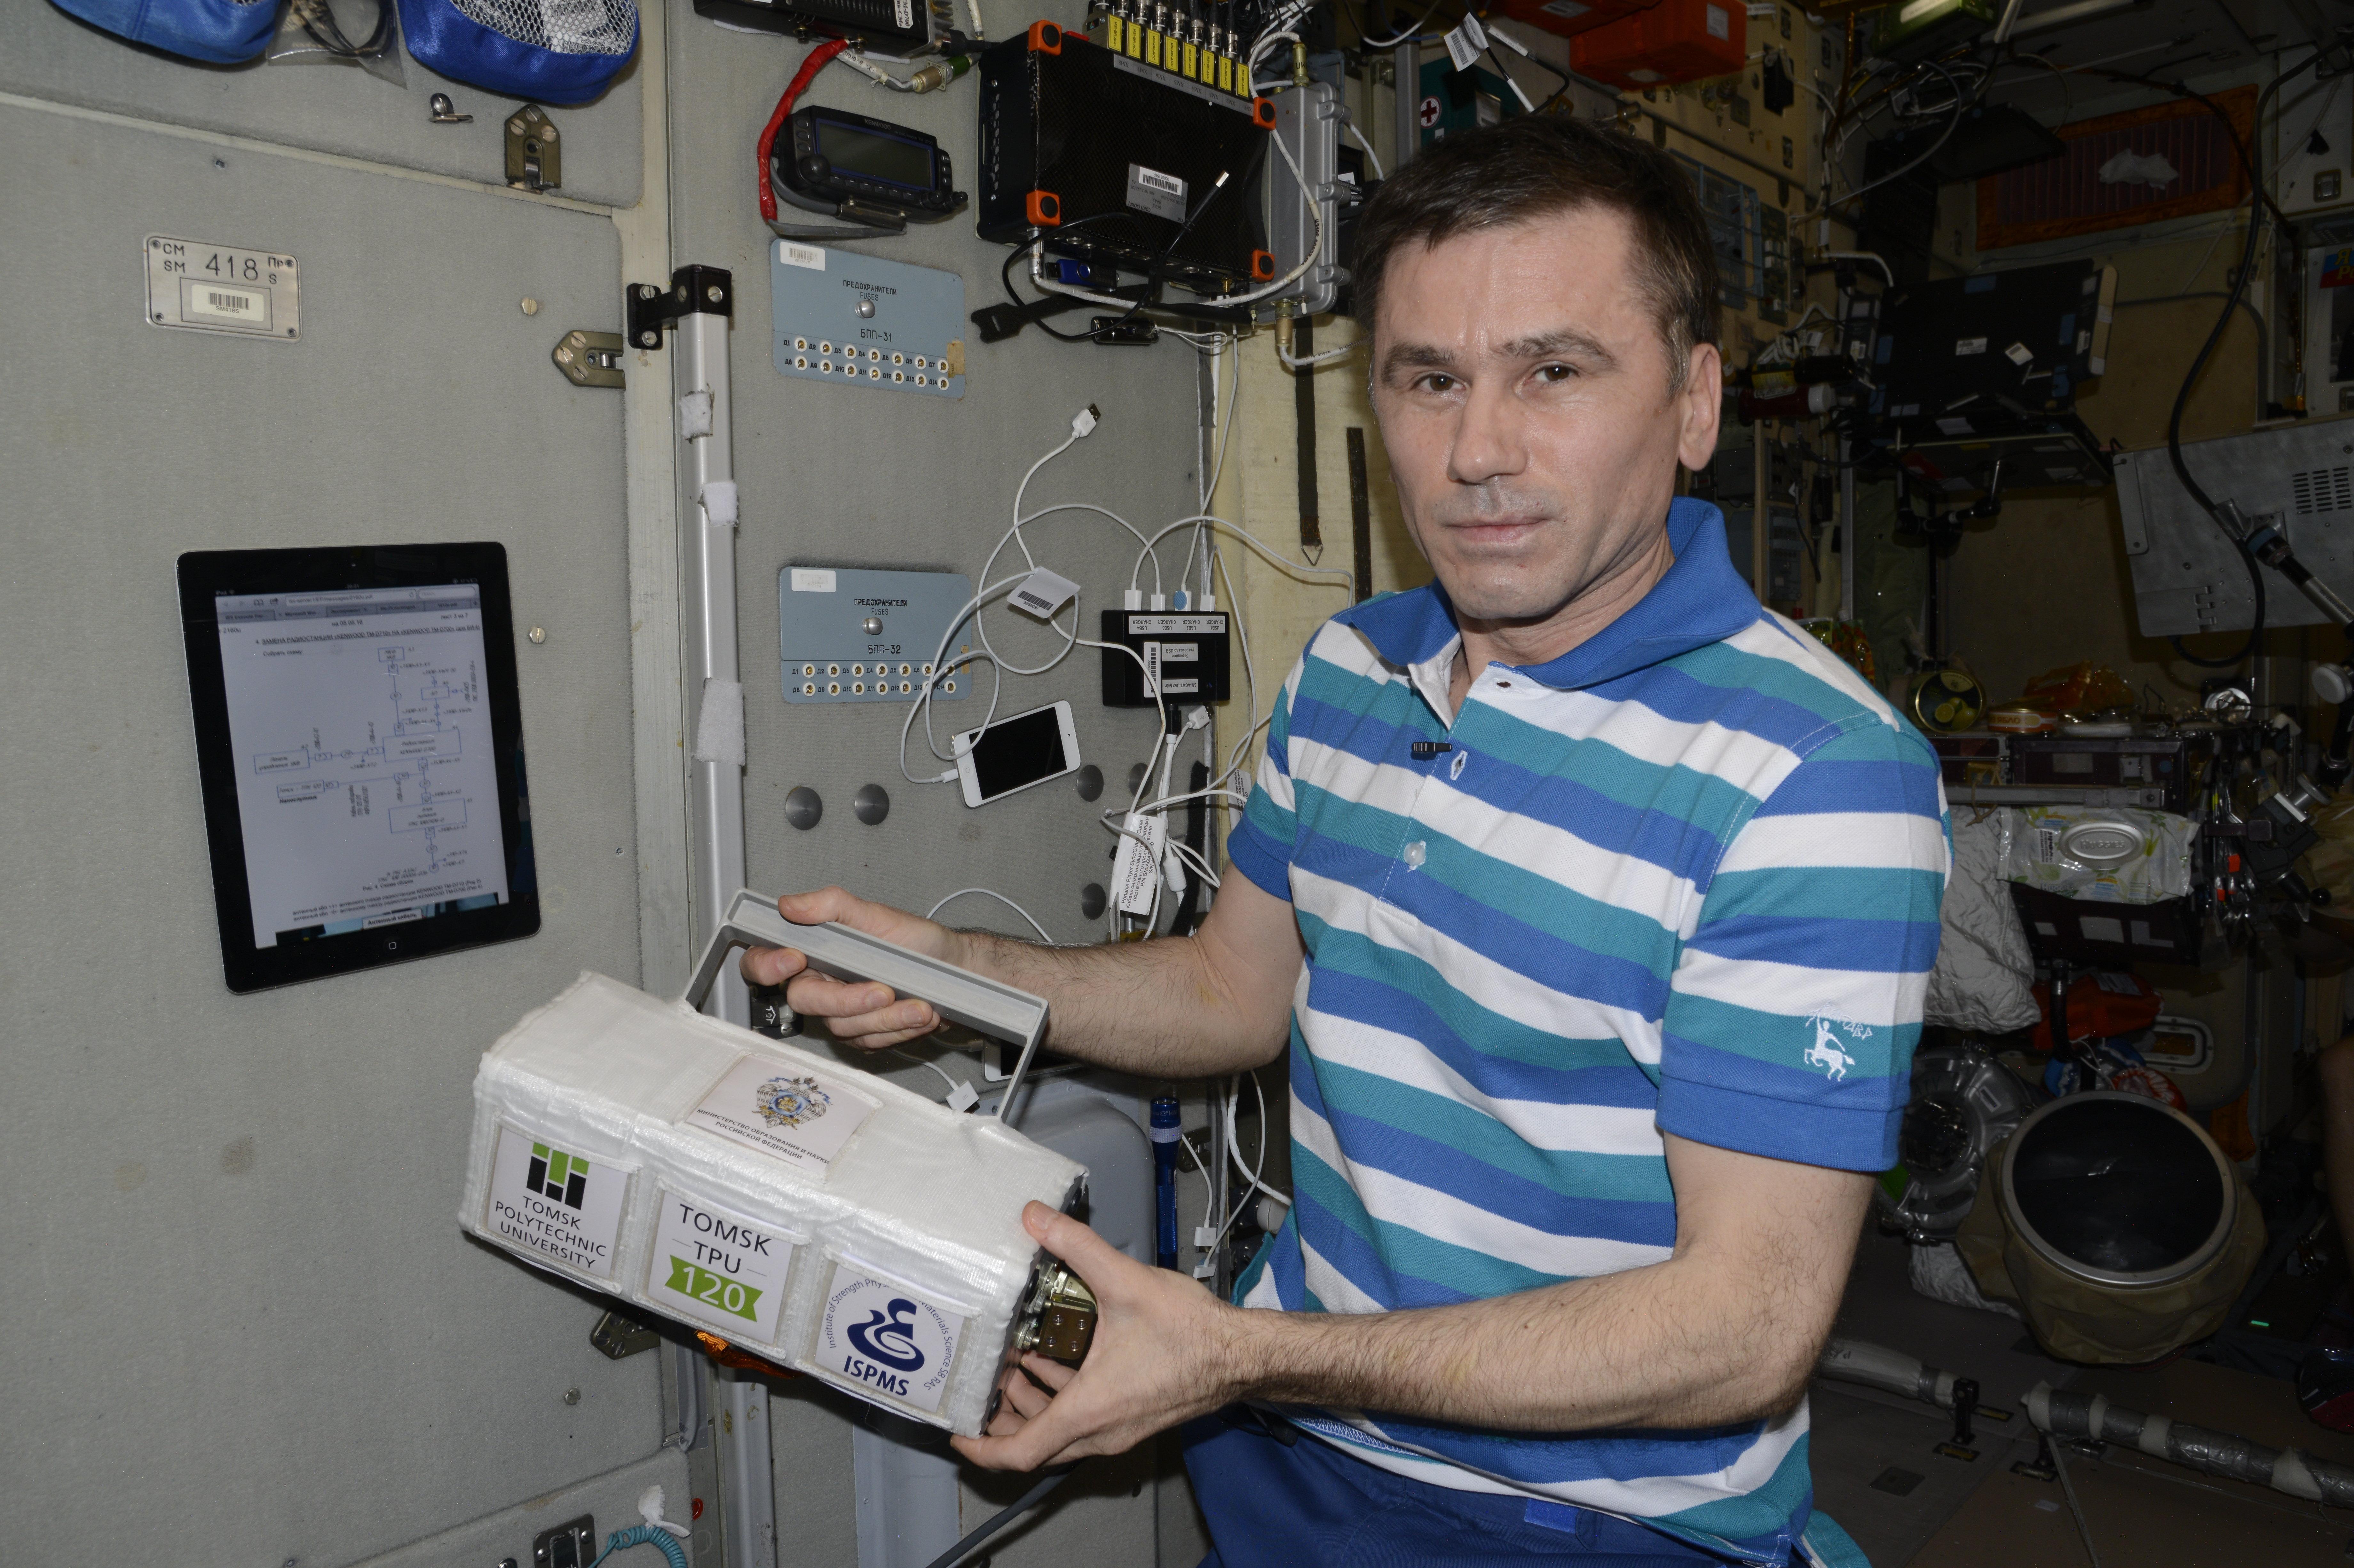 El satélite Tomsk-TPU 120